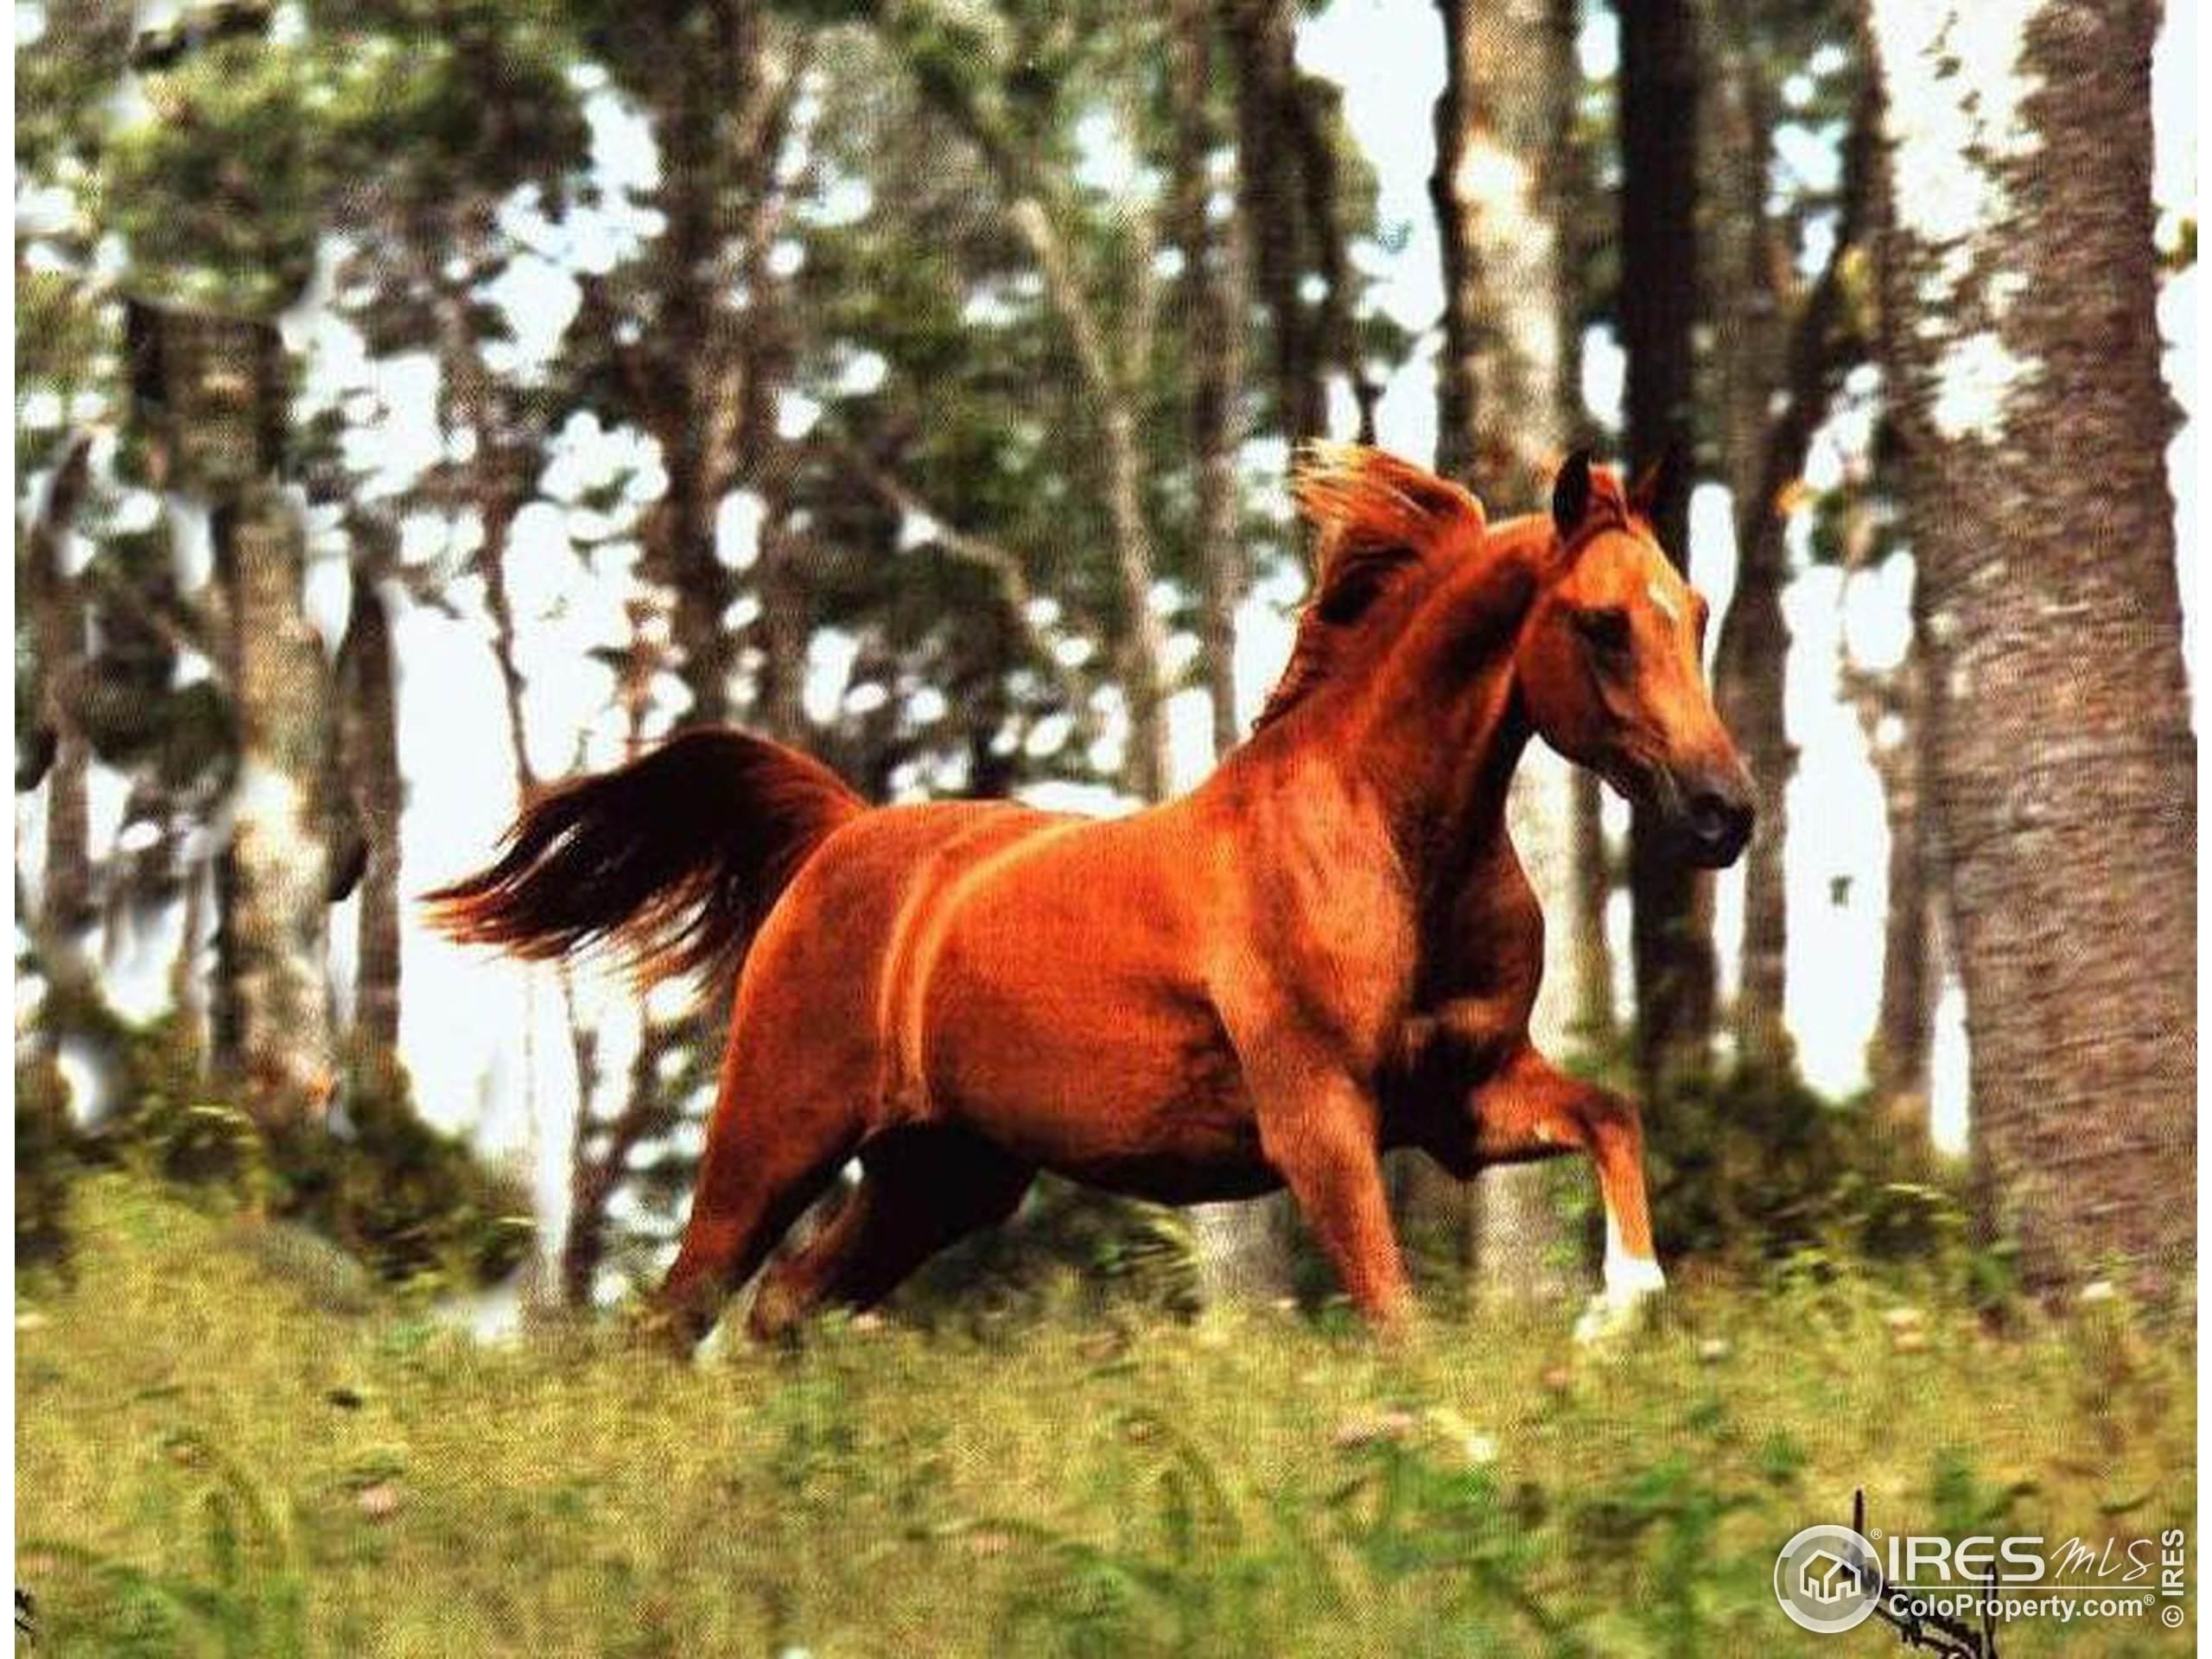 13875 Dogleg Ln, Broomfield, CO 80023 (MLS #875466) :: 8z Real Estate